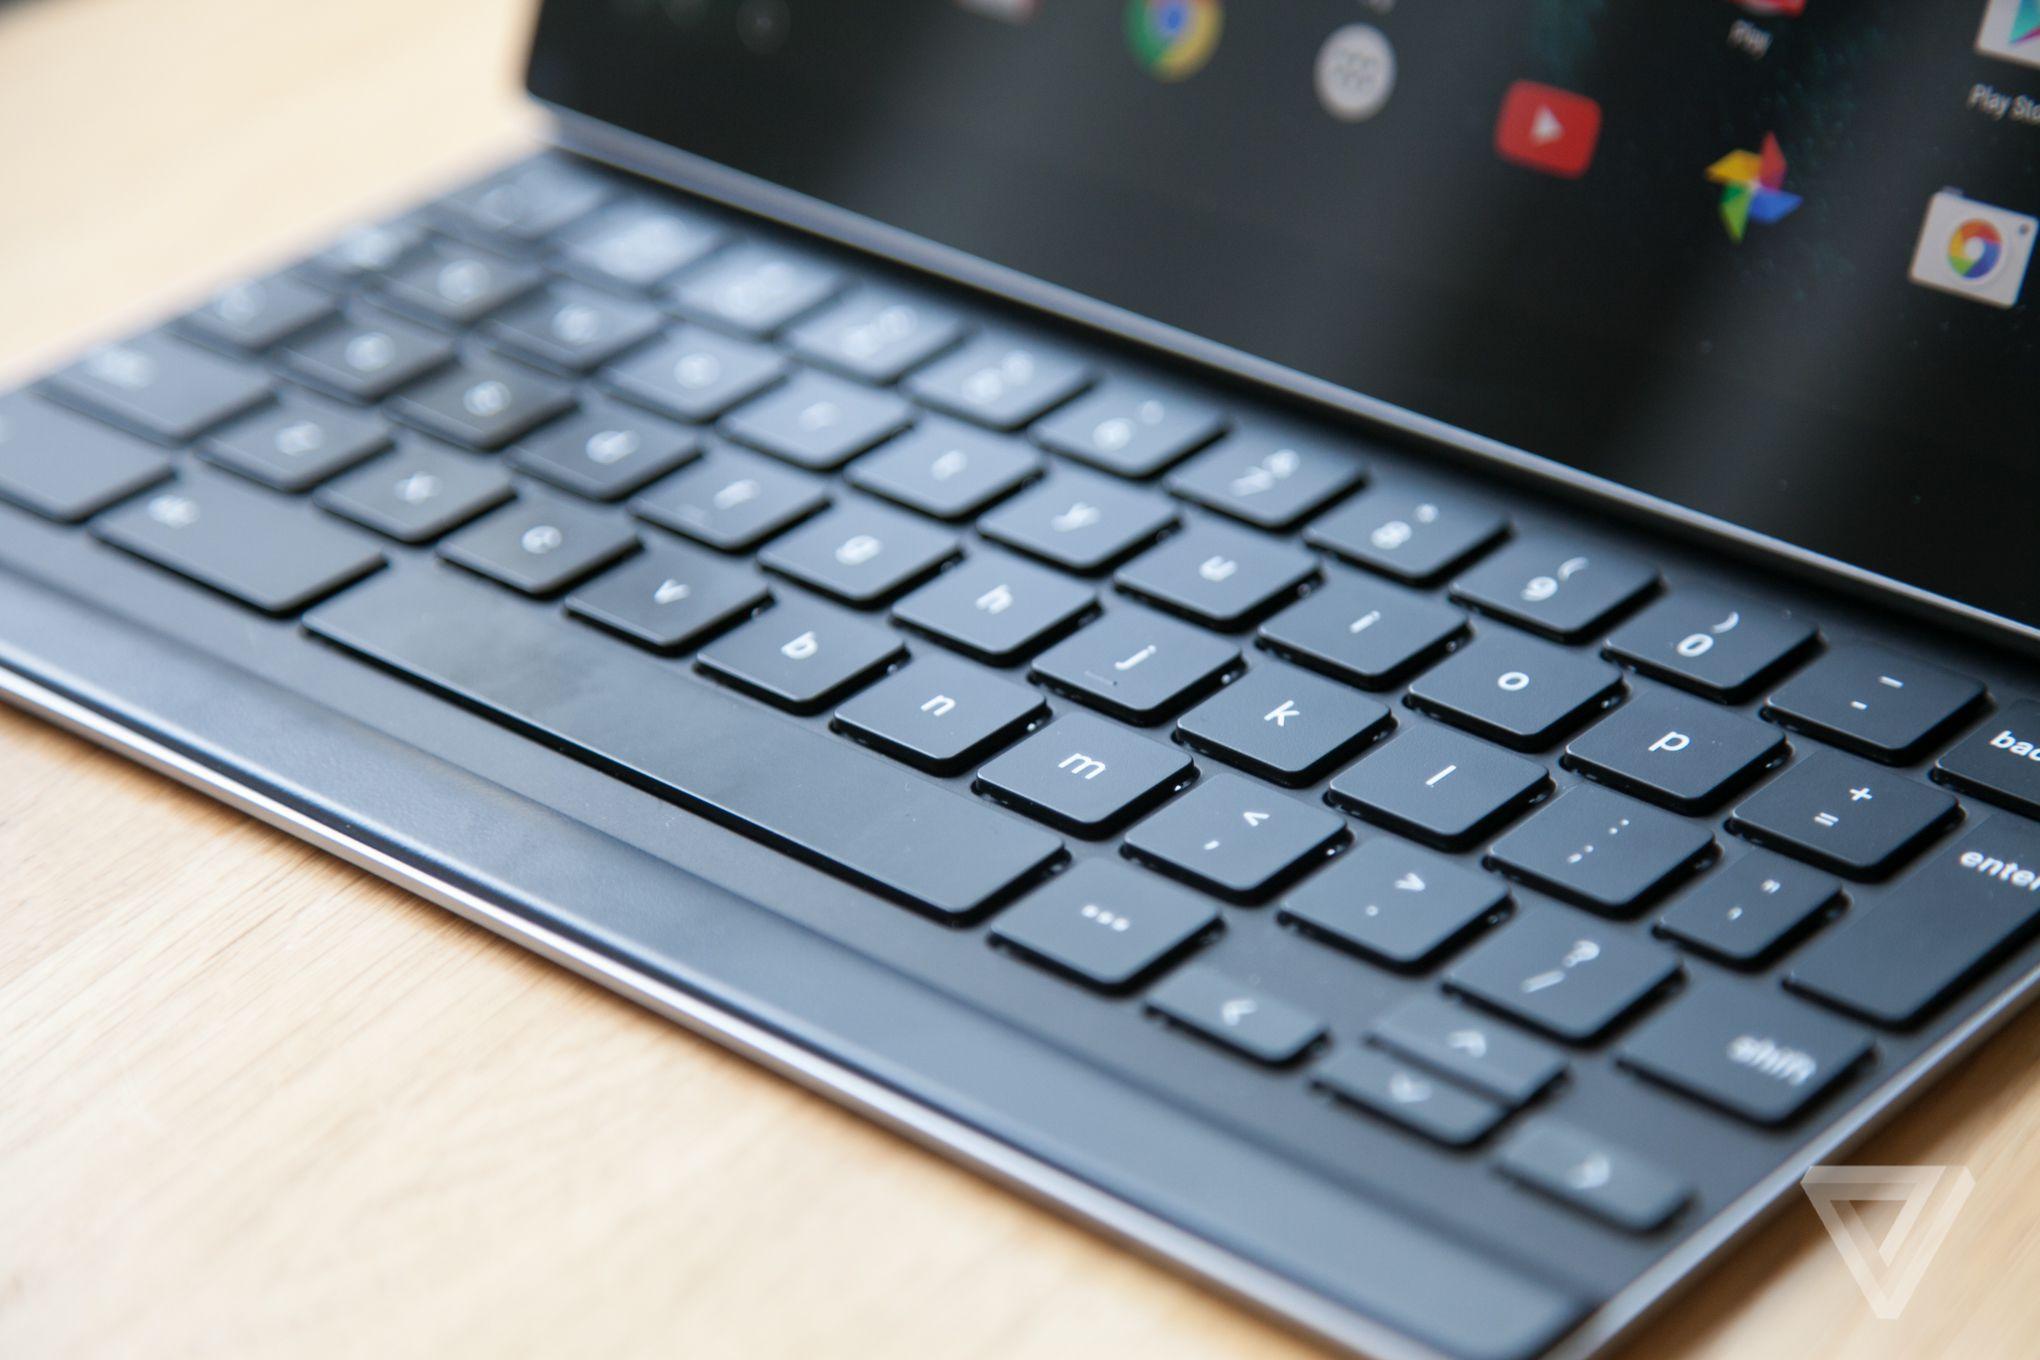 google pixel c keyboard